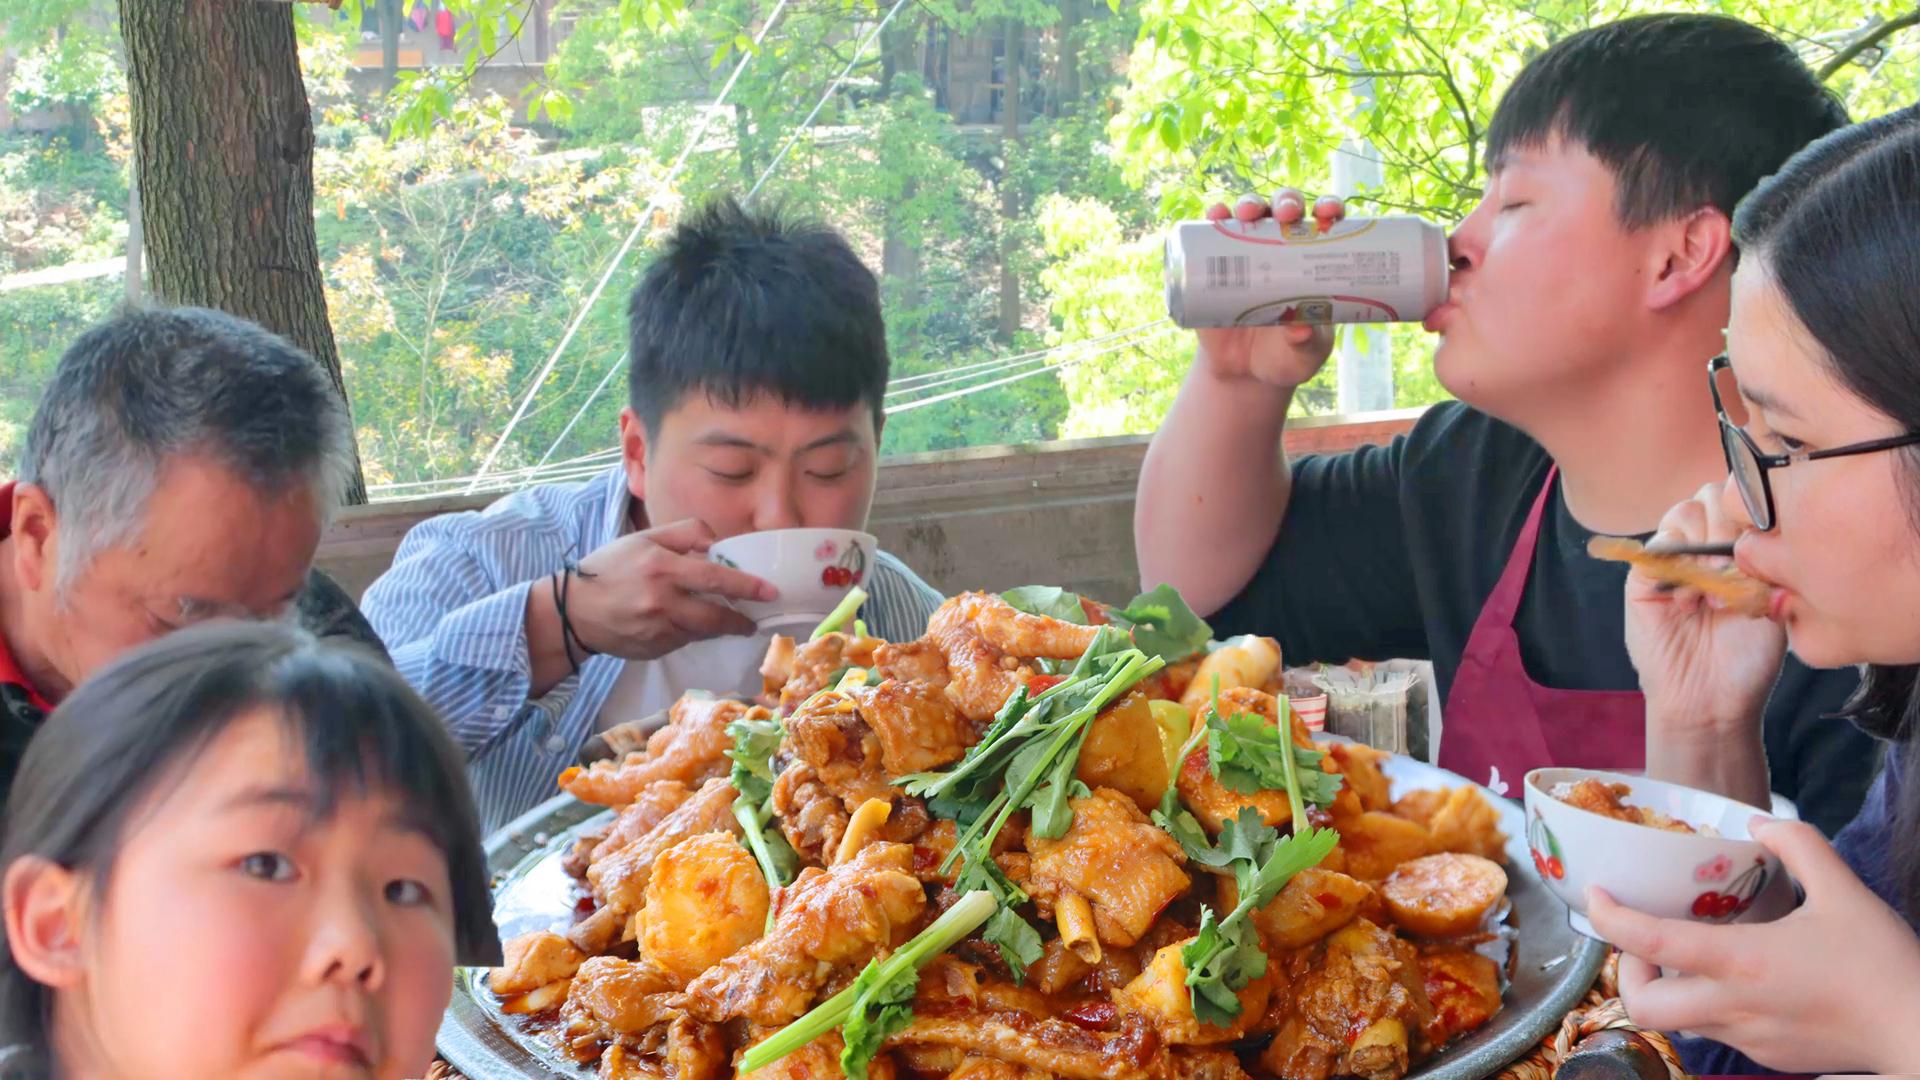 4斤鸡5斤芋头,德哥做1道经典川菜芋儿鸡,鸡肉芋头下啤酒,安逸